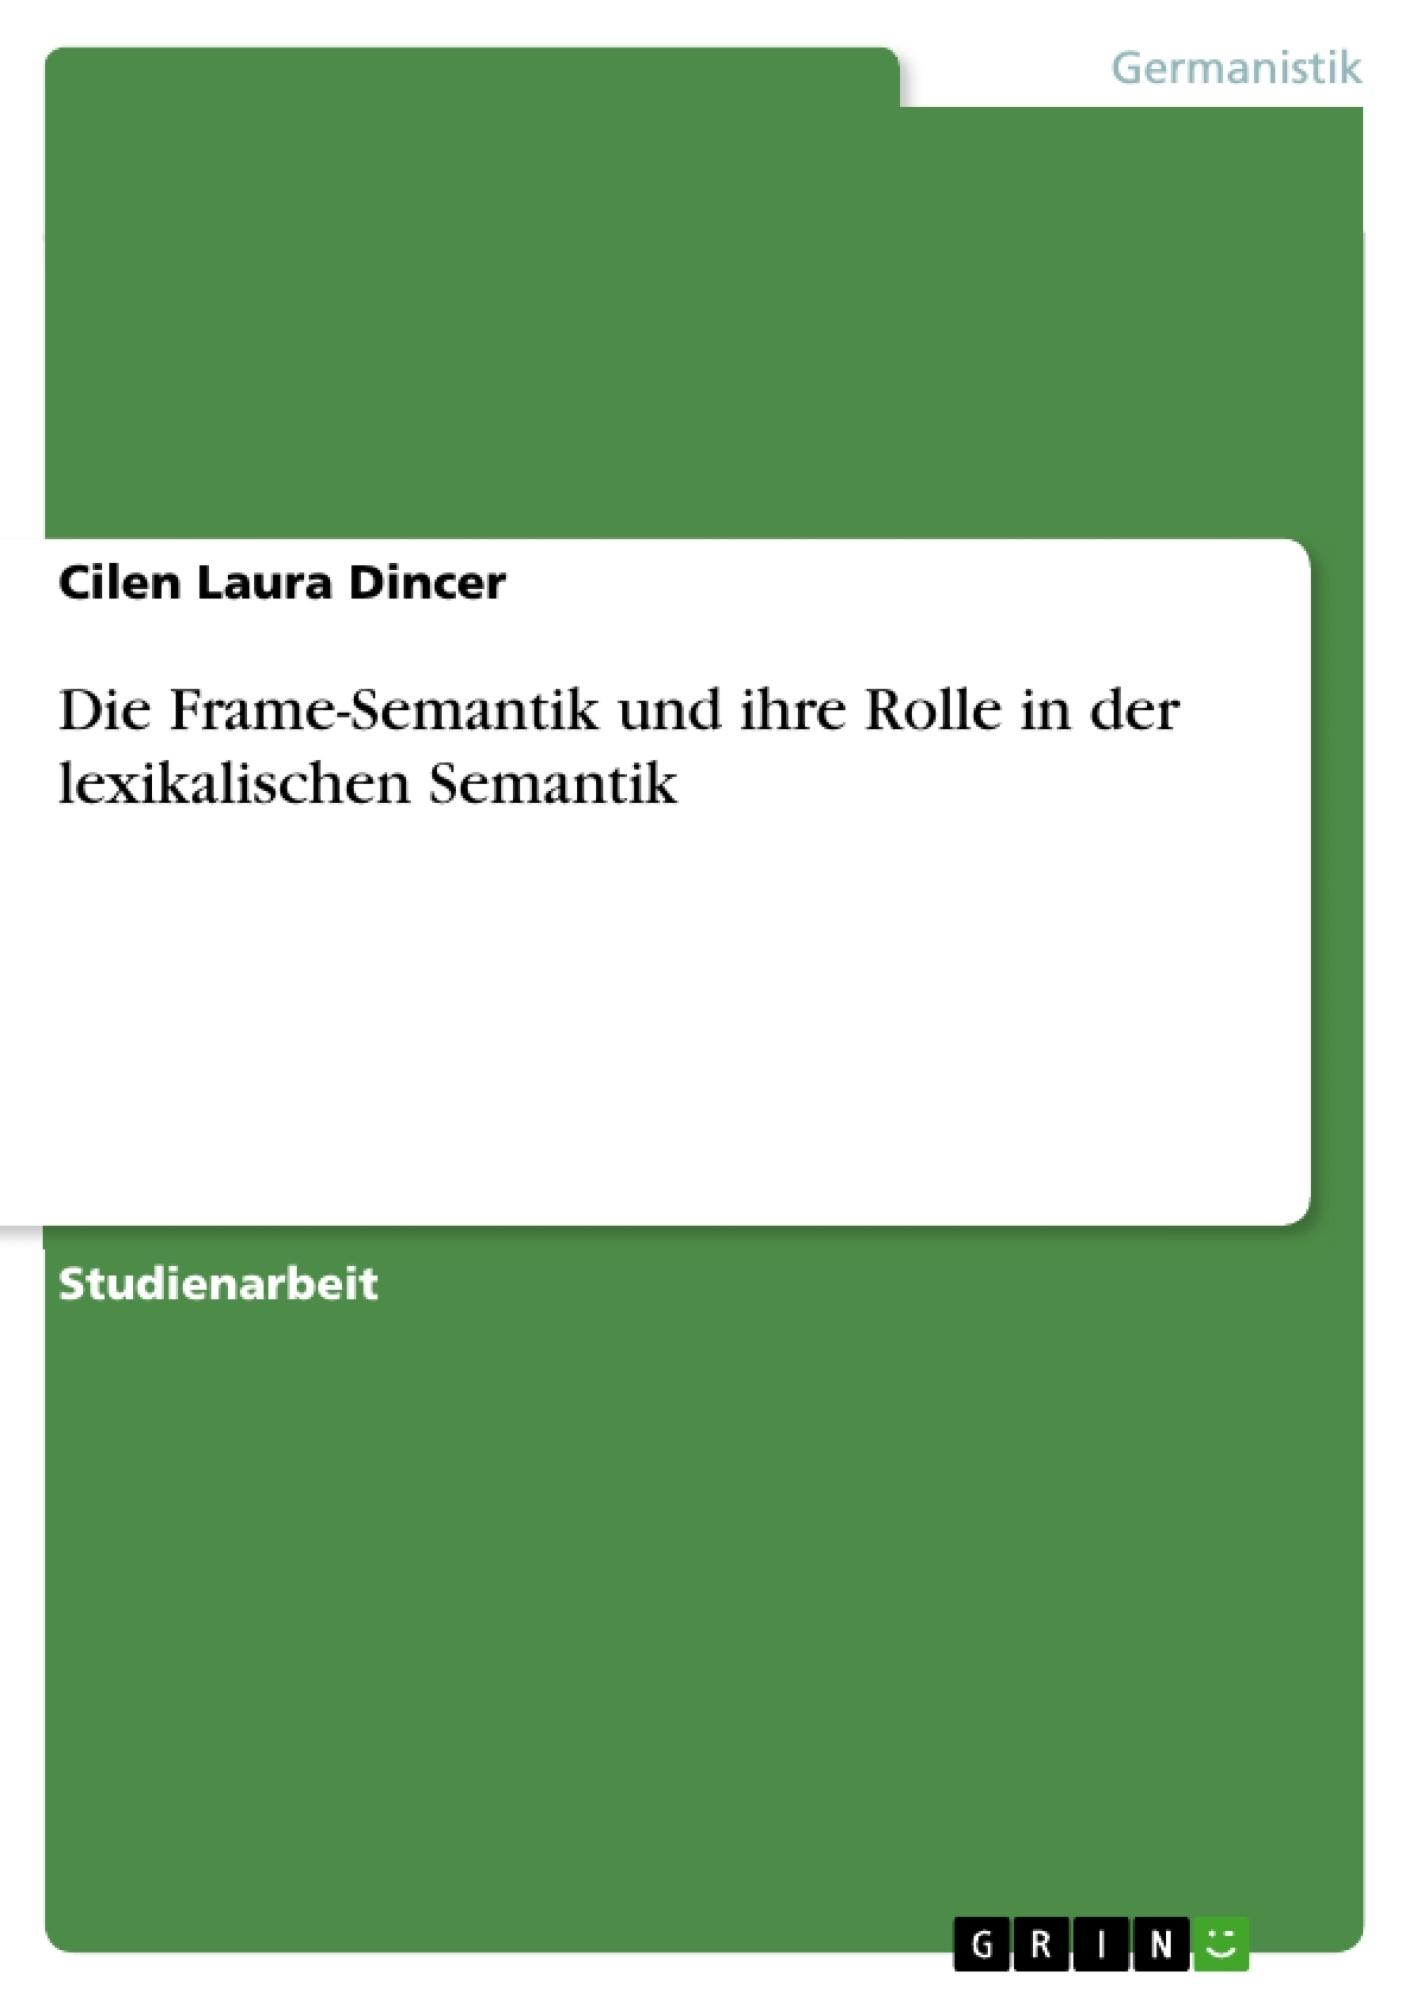 Titel: Die Frame-Semantik und ihre Rolle in der lexikalischen Semantik